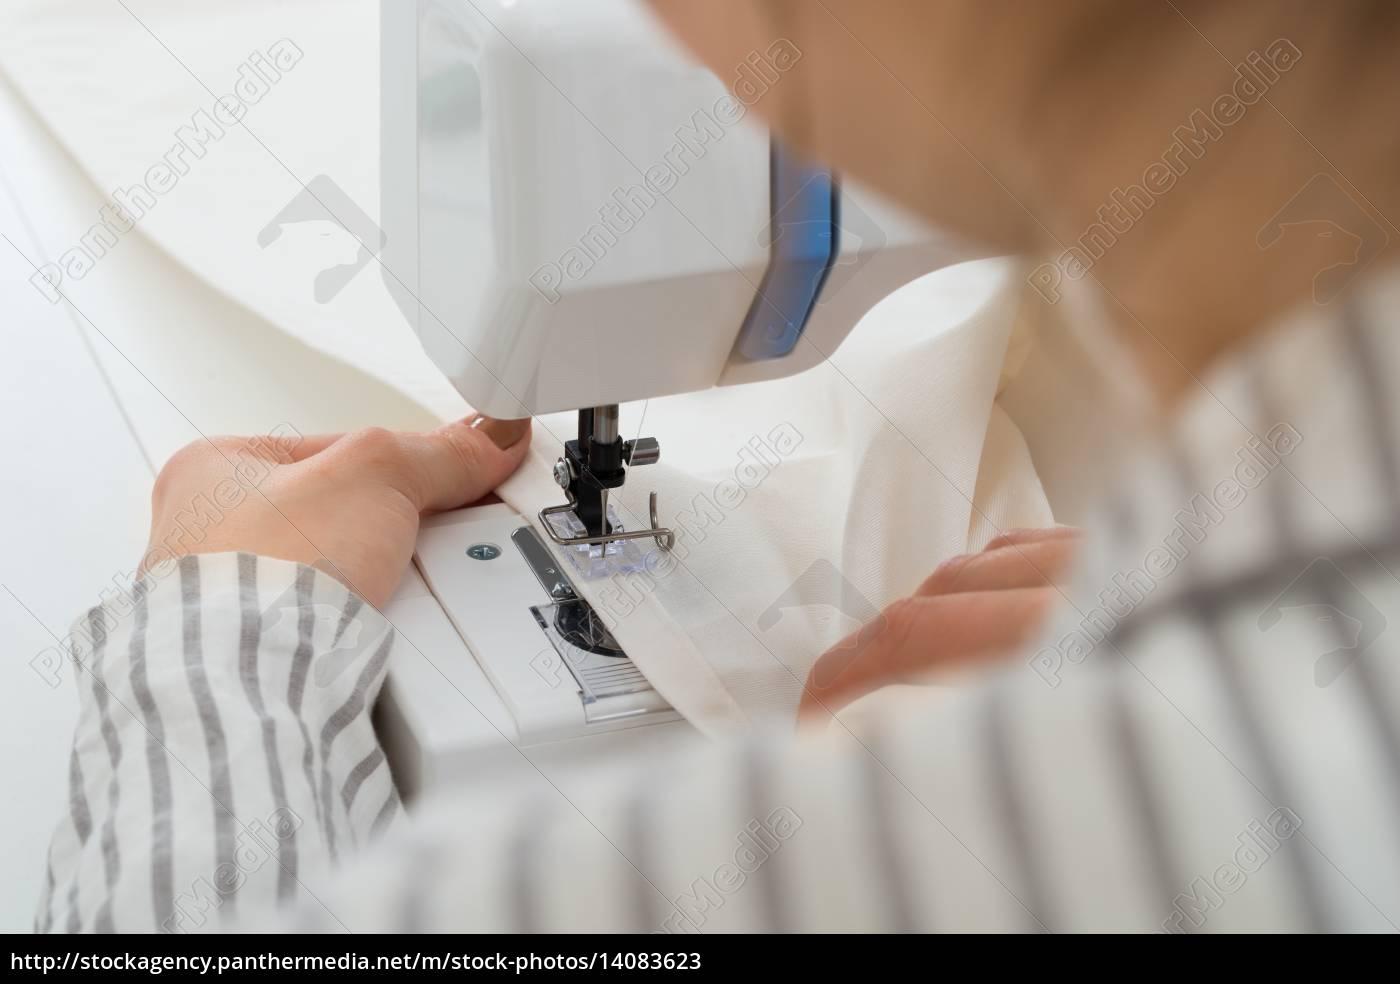 close-up, on, woman, stitching, fabric - 14083623